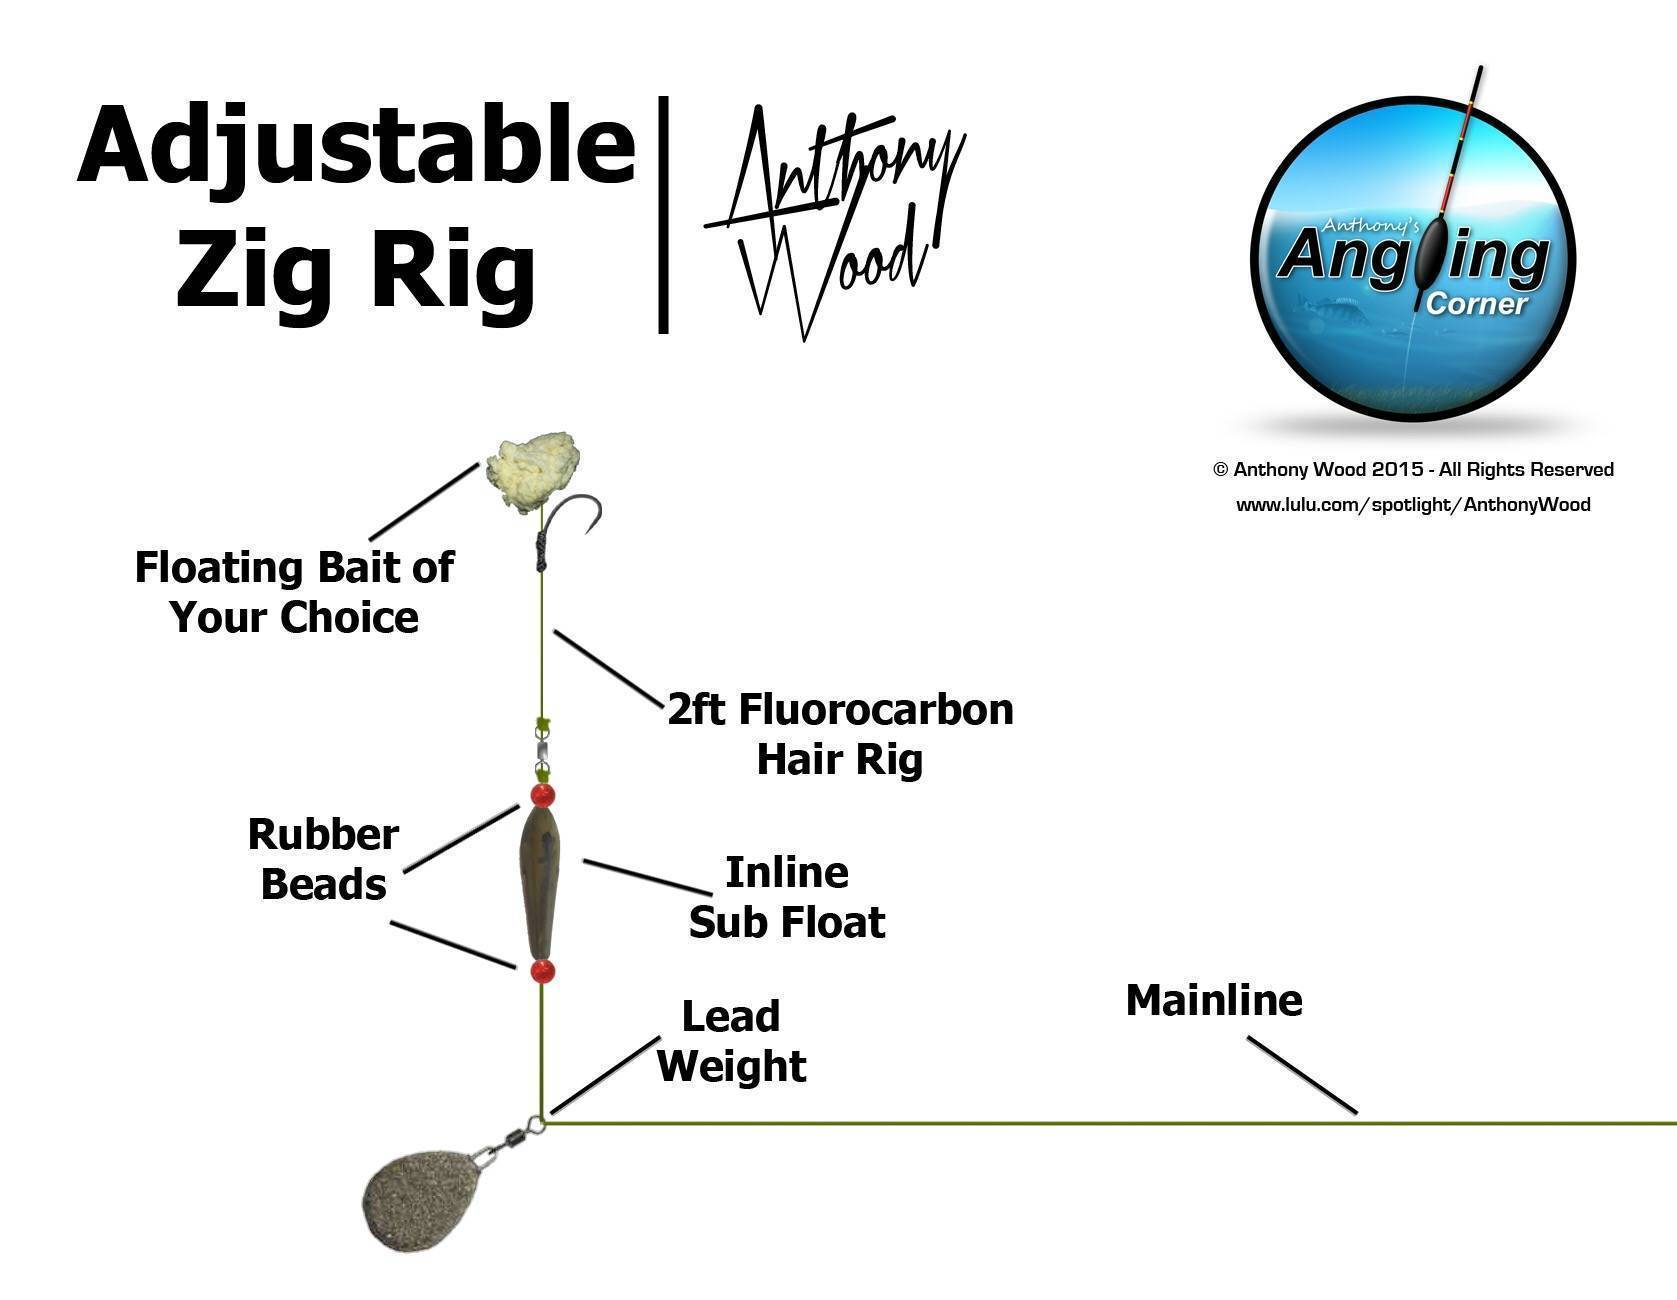 Оснастка джиг-риг: варианты монтажа, проводка, преимущества и недостатки